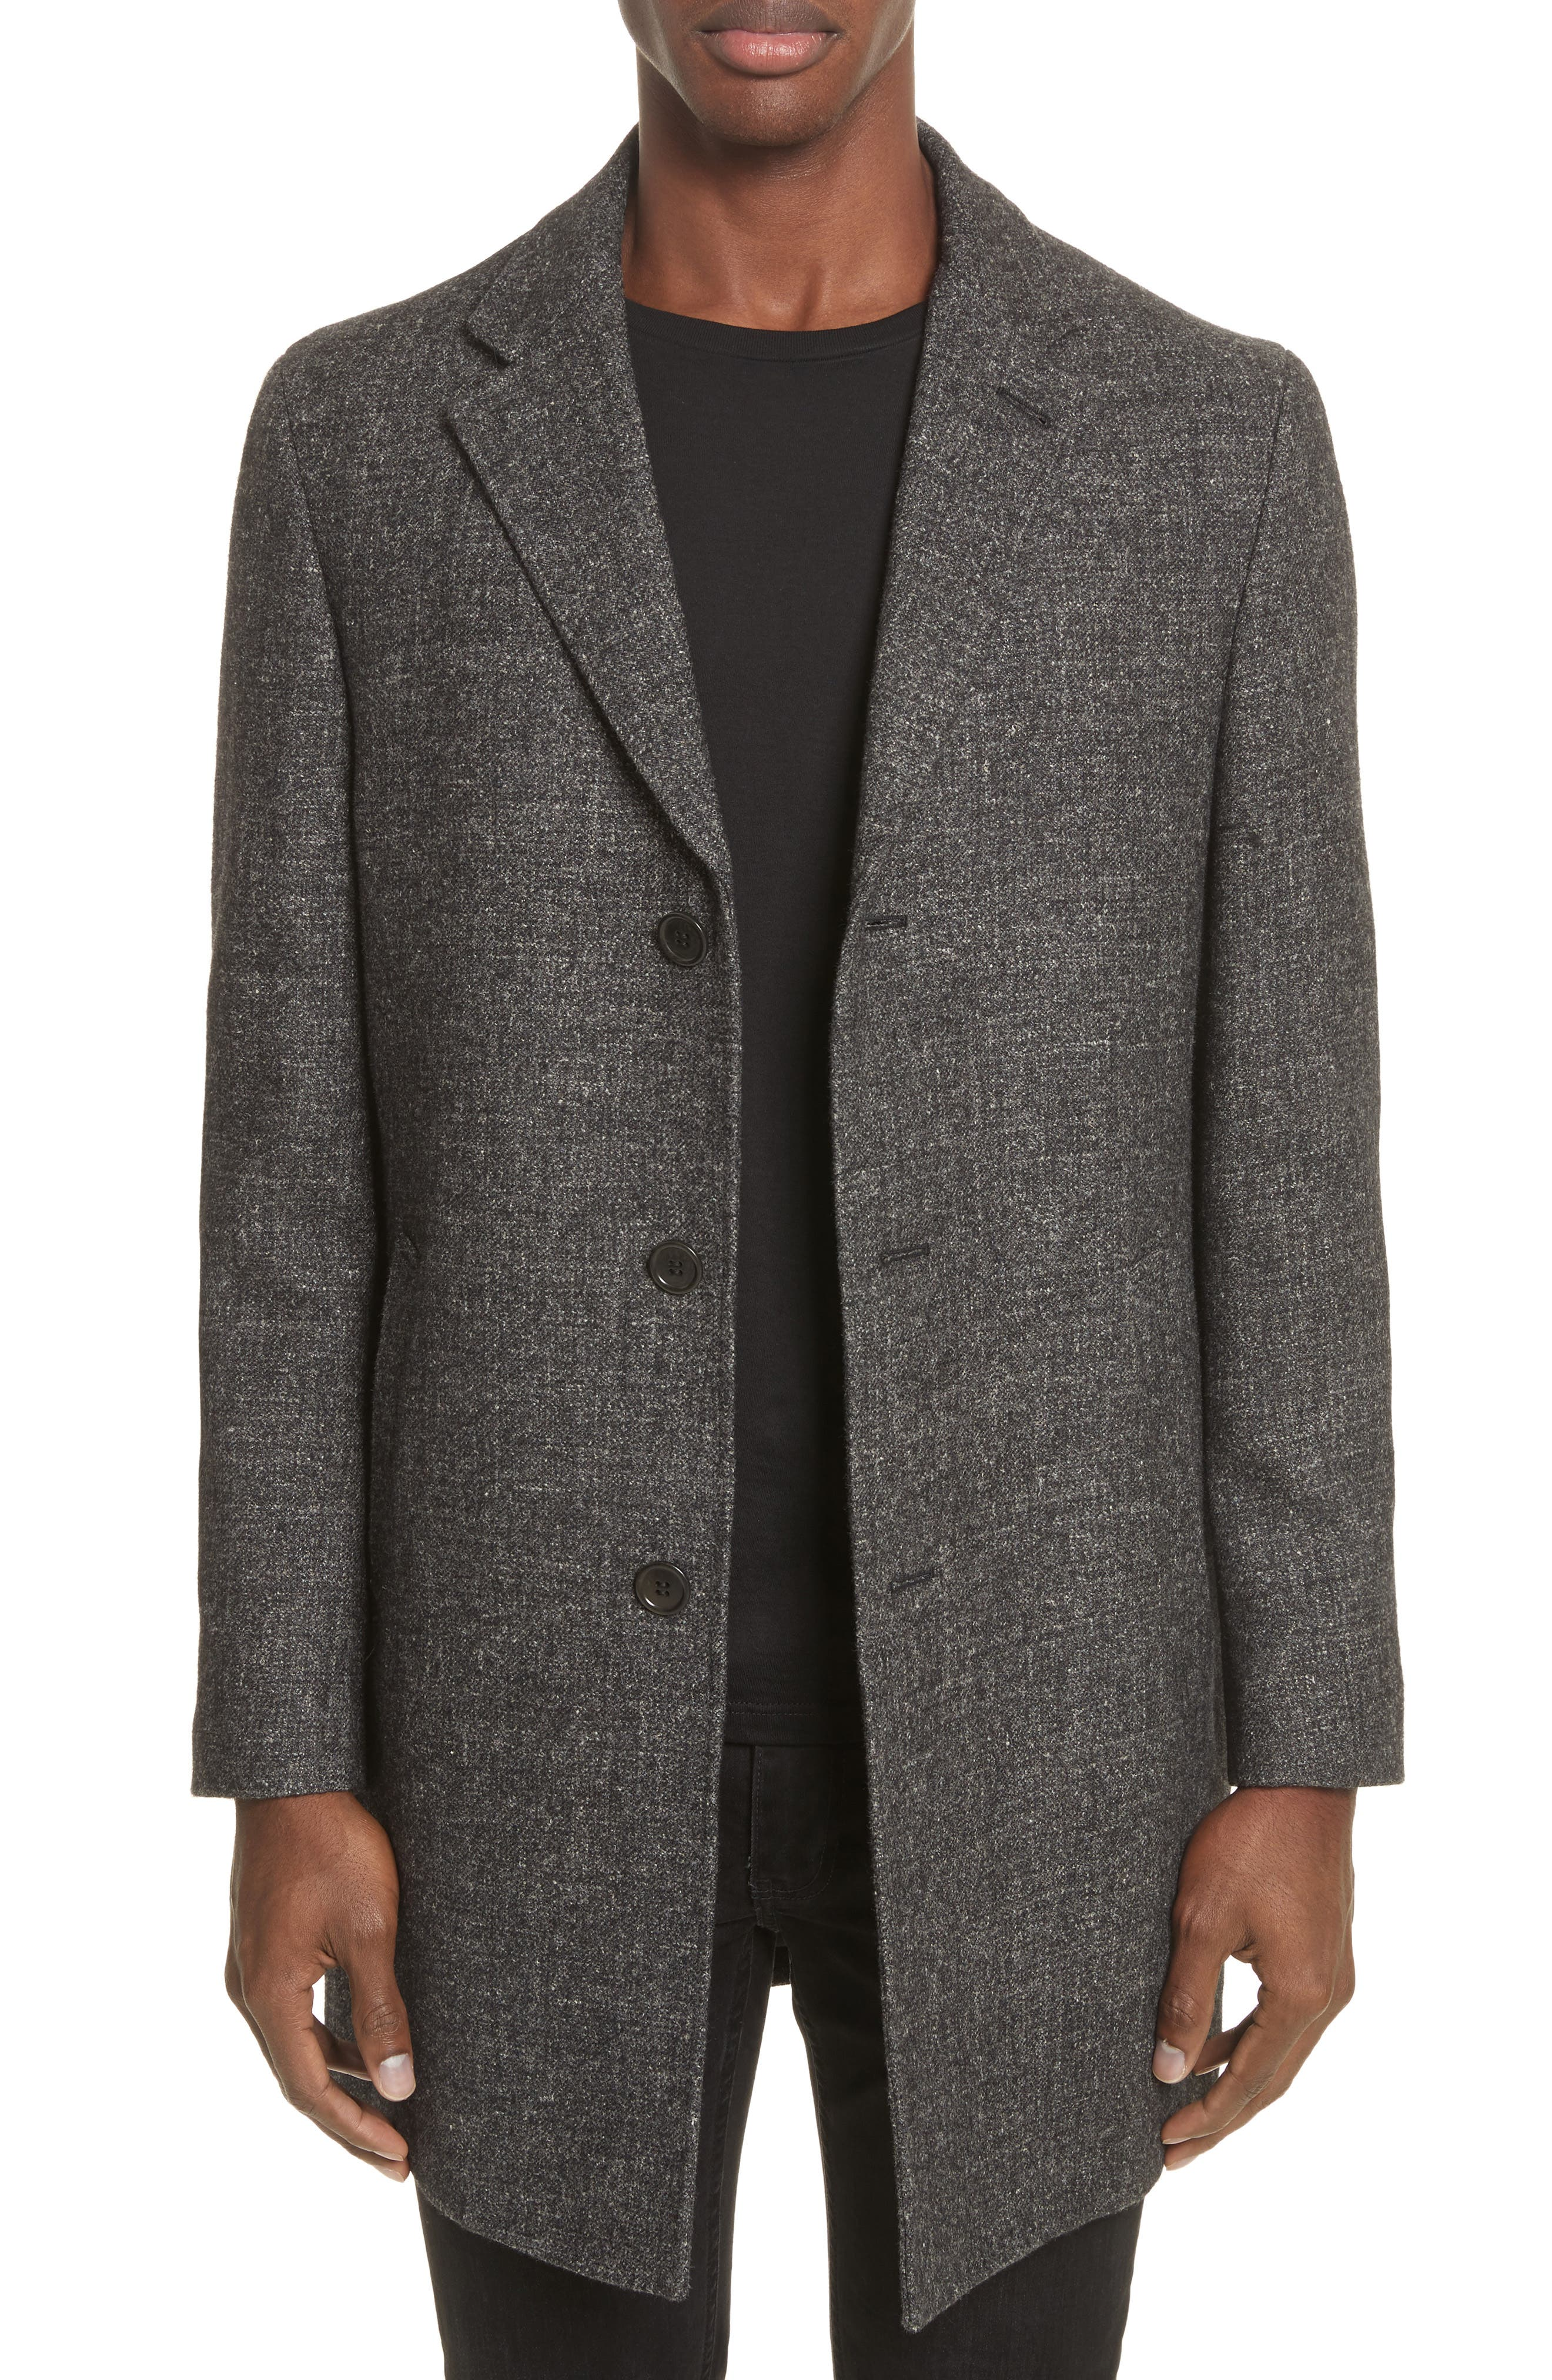 Walsh Wool & Linen Topcoat,                             Main thumbnail 1, color,                             Black/ Grey